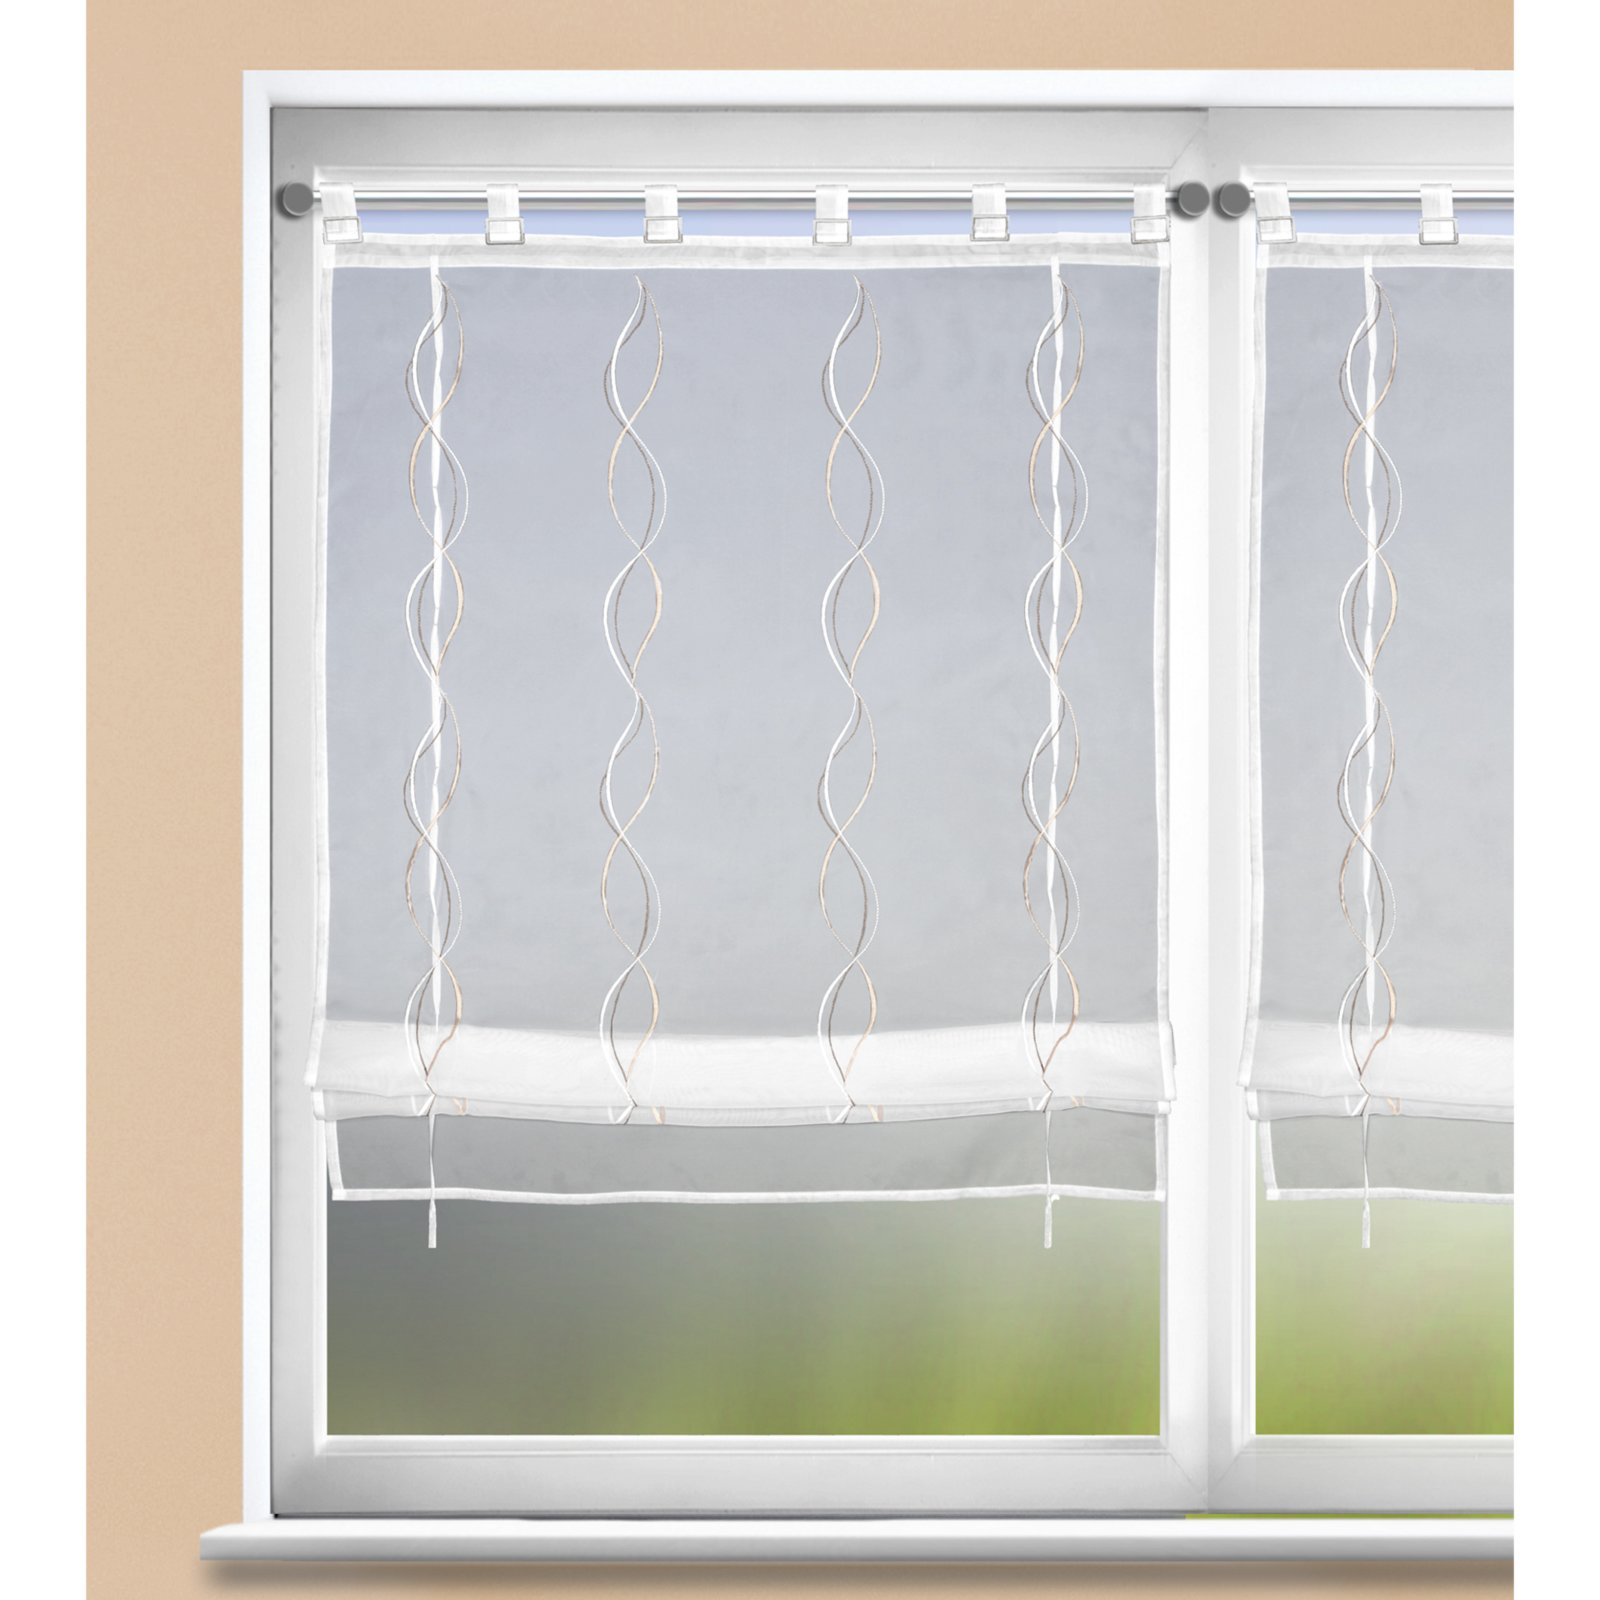 Raffrollo - weiß-beige - 80x140 cm | Online bei ROLLER günstig kaufen!